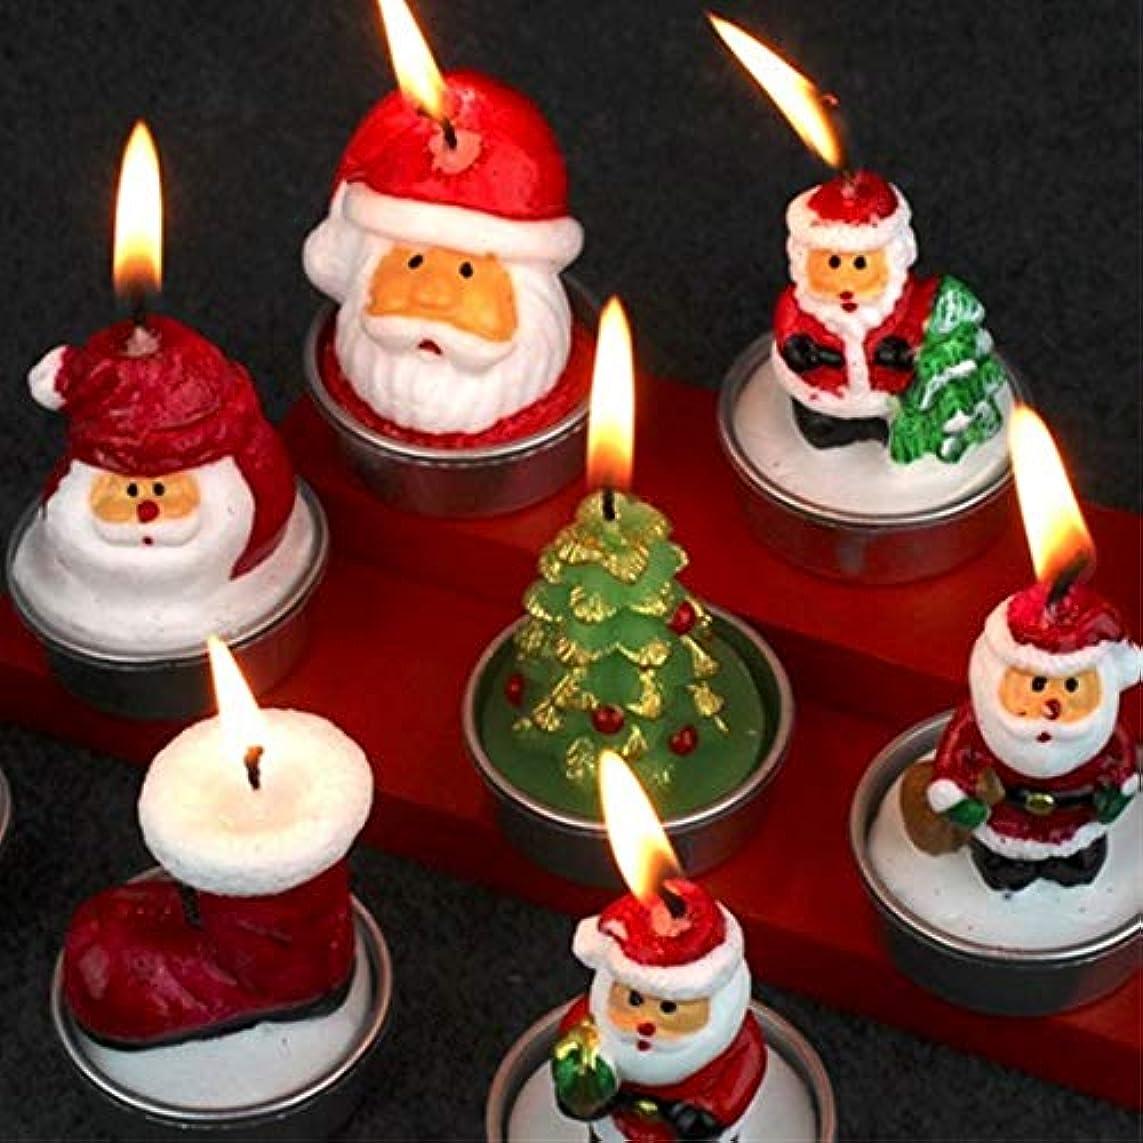 船乗りロデオボンドLabos 家族の休日の装飾パーティーの装飾新年の装飾用品に使用クリスマスサンタクロースクリスマスキャンドル、ランダム配信